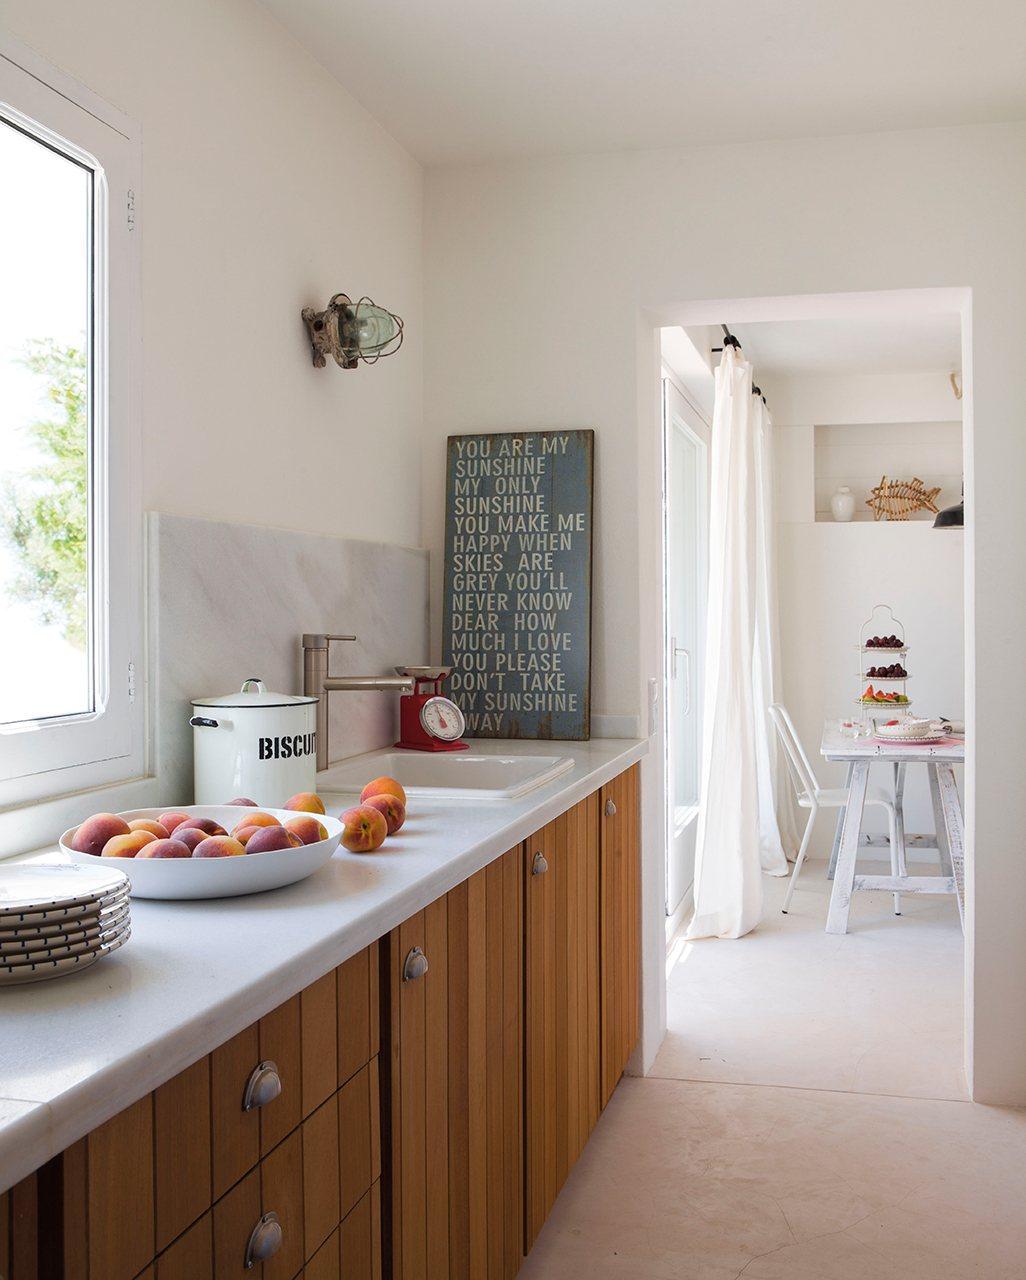 #694023 Cómo decorar un apartamento de 37 metros cuadrados en Formentera 1026x1280 píxeis em Como Decorar La Sala Comedor De Un Apartamento Pequeño